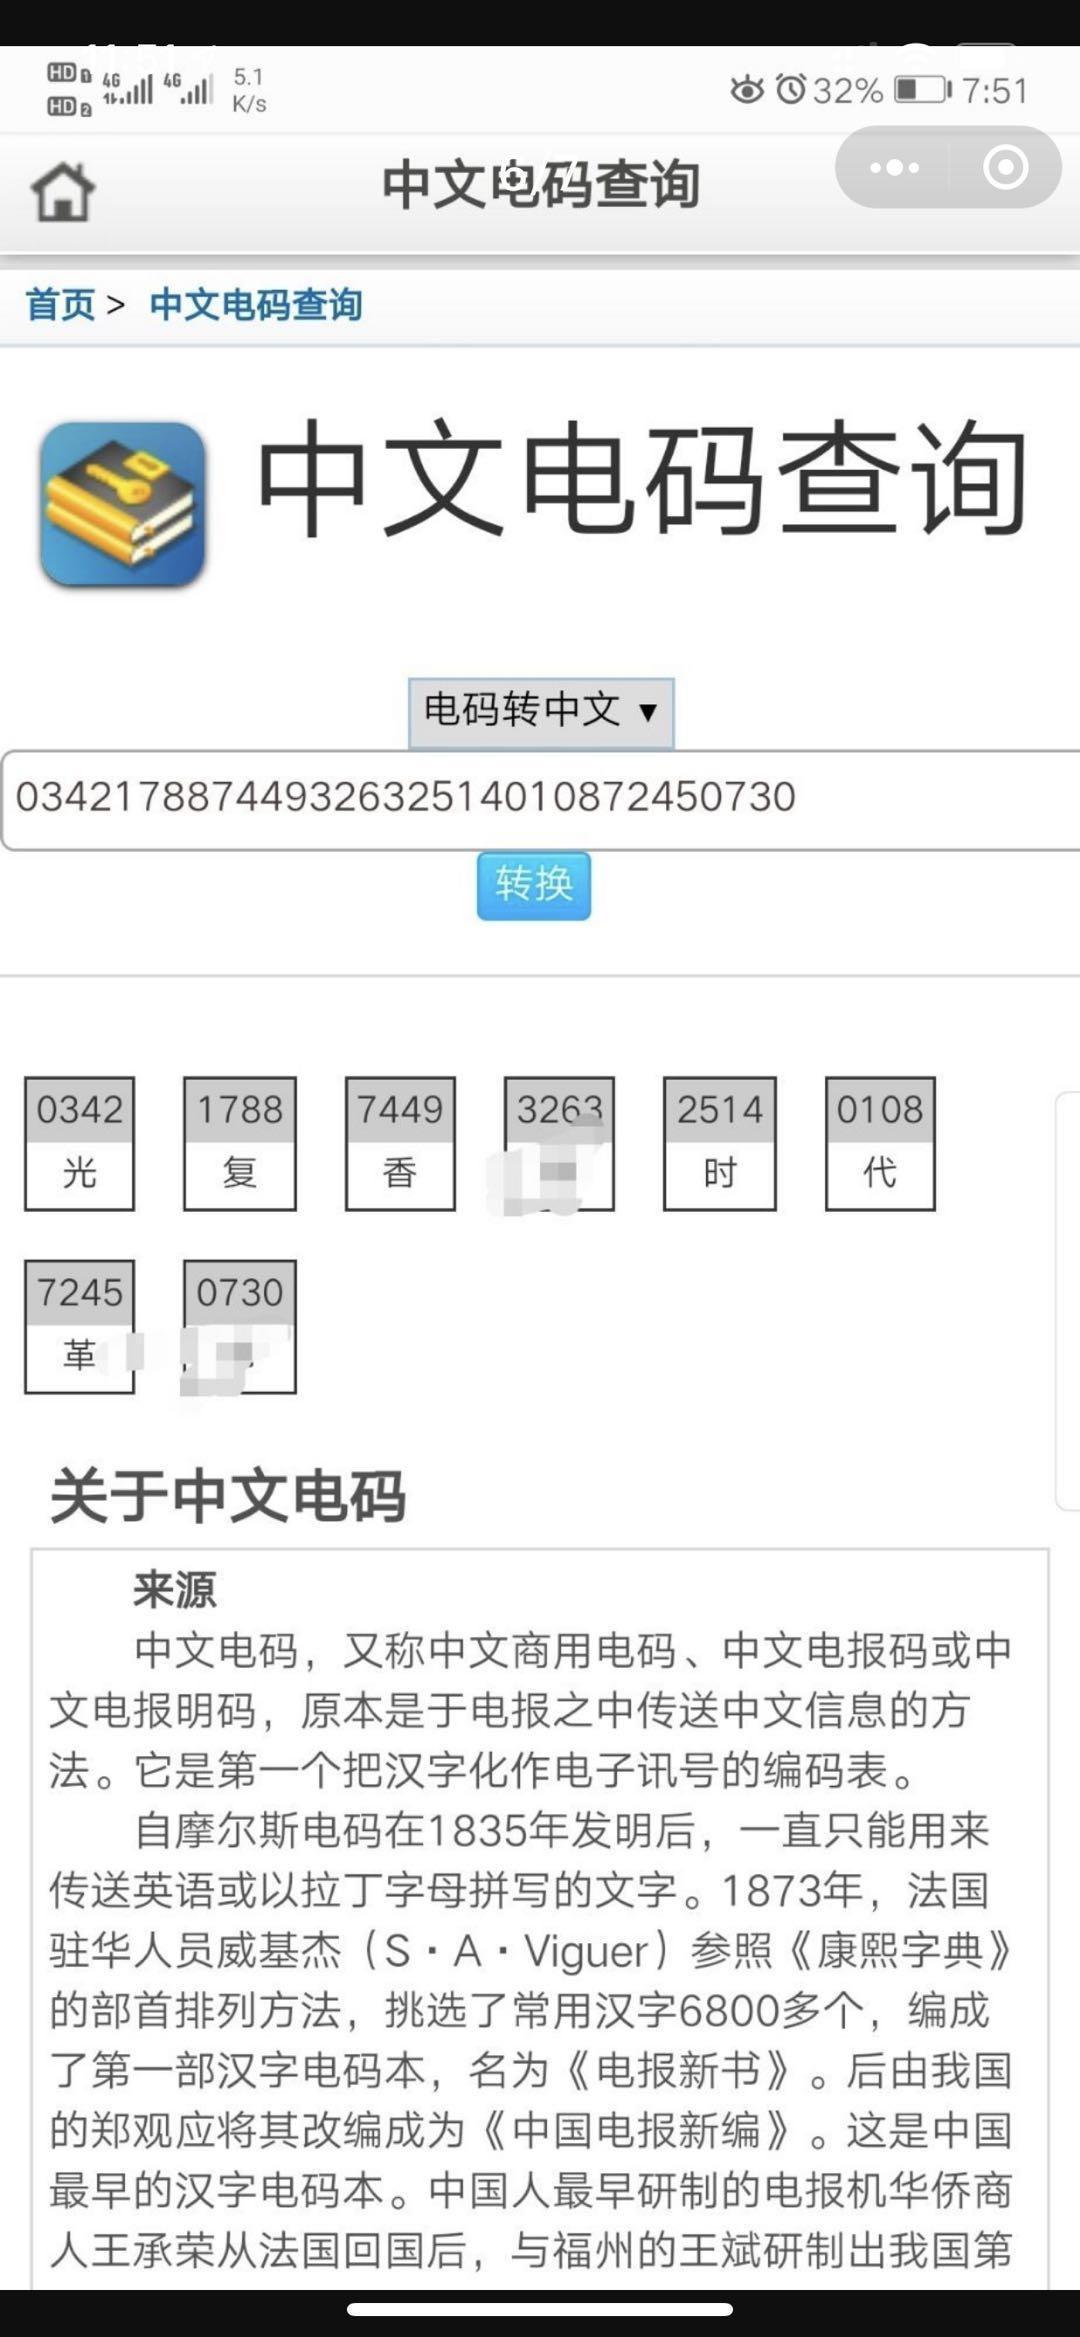 國網友最後發現歌曲中含有「光復香港時代革命」的暗號。(翻攝自菁英玩家俱樂部討論區)